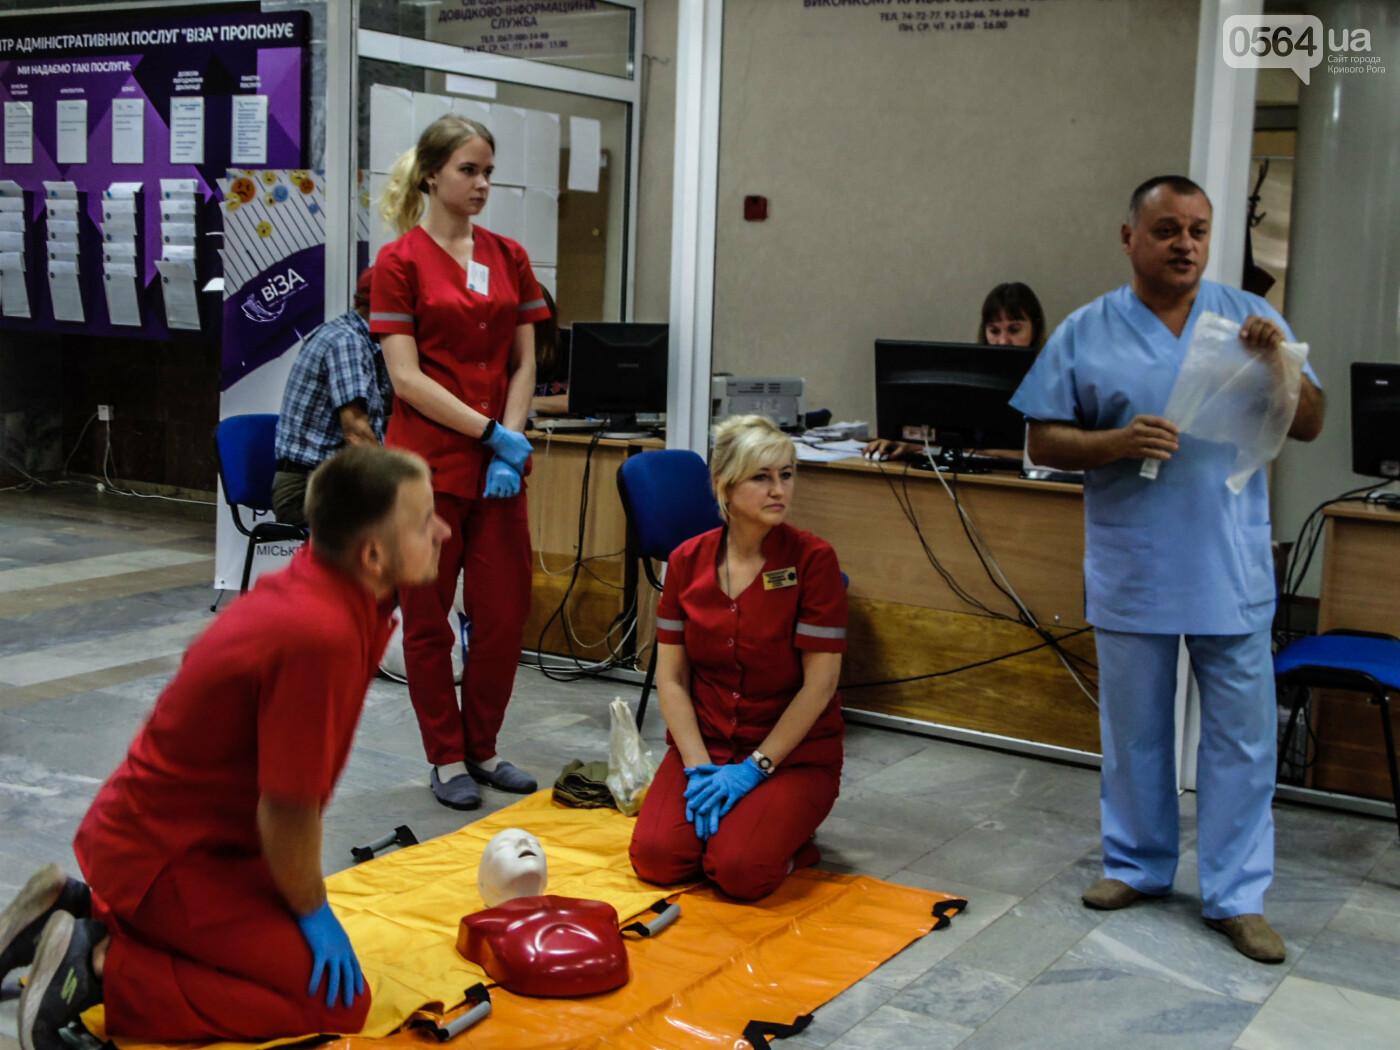 В Криворожском горисполкоме обучали оказывать людям первую медицинскую помощь, - ФОТО, ВИДЕО , фото-4